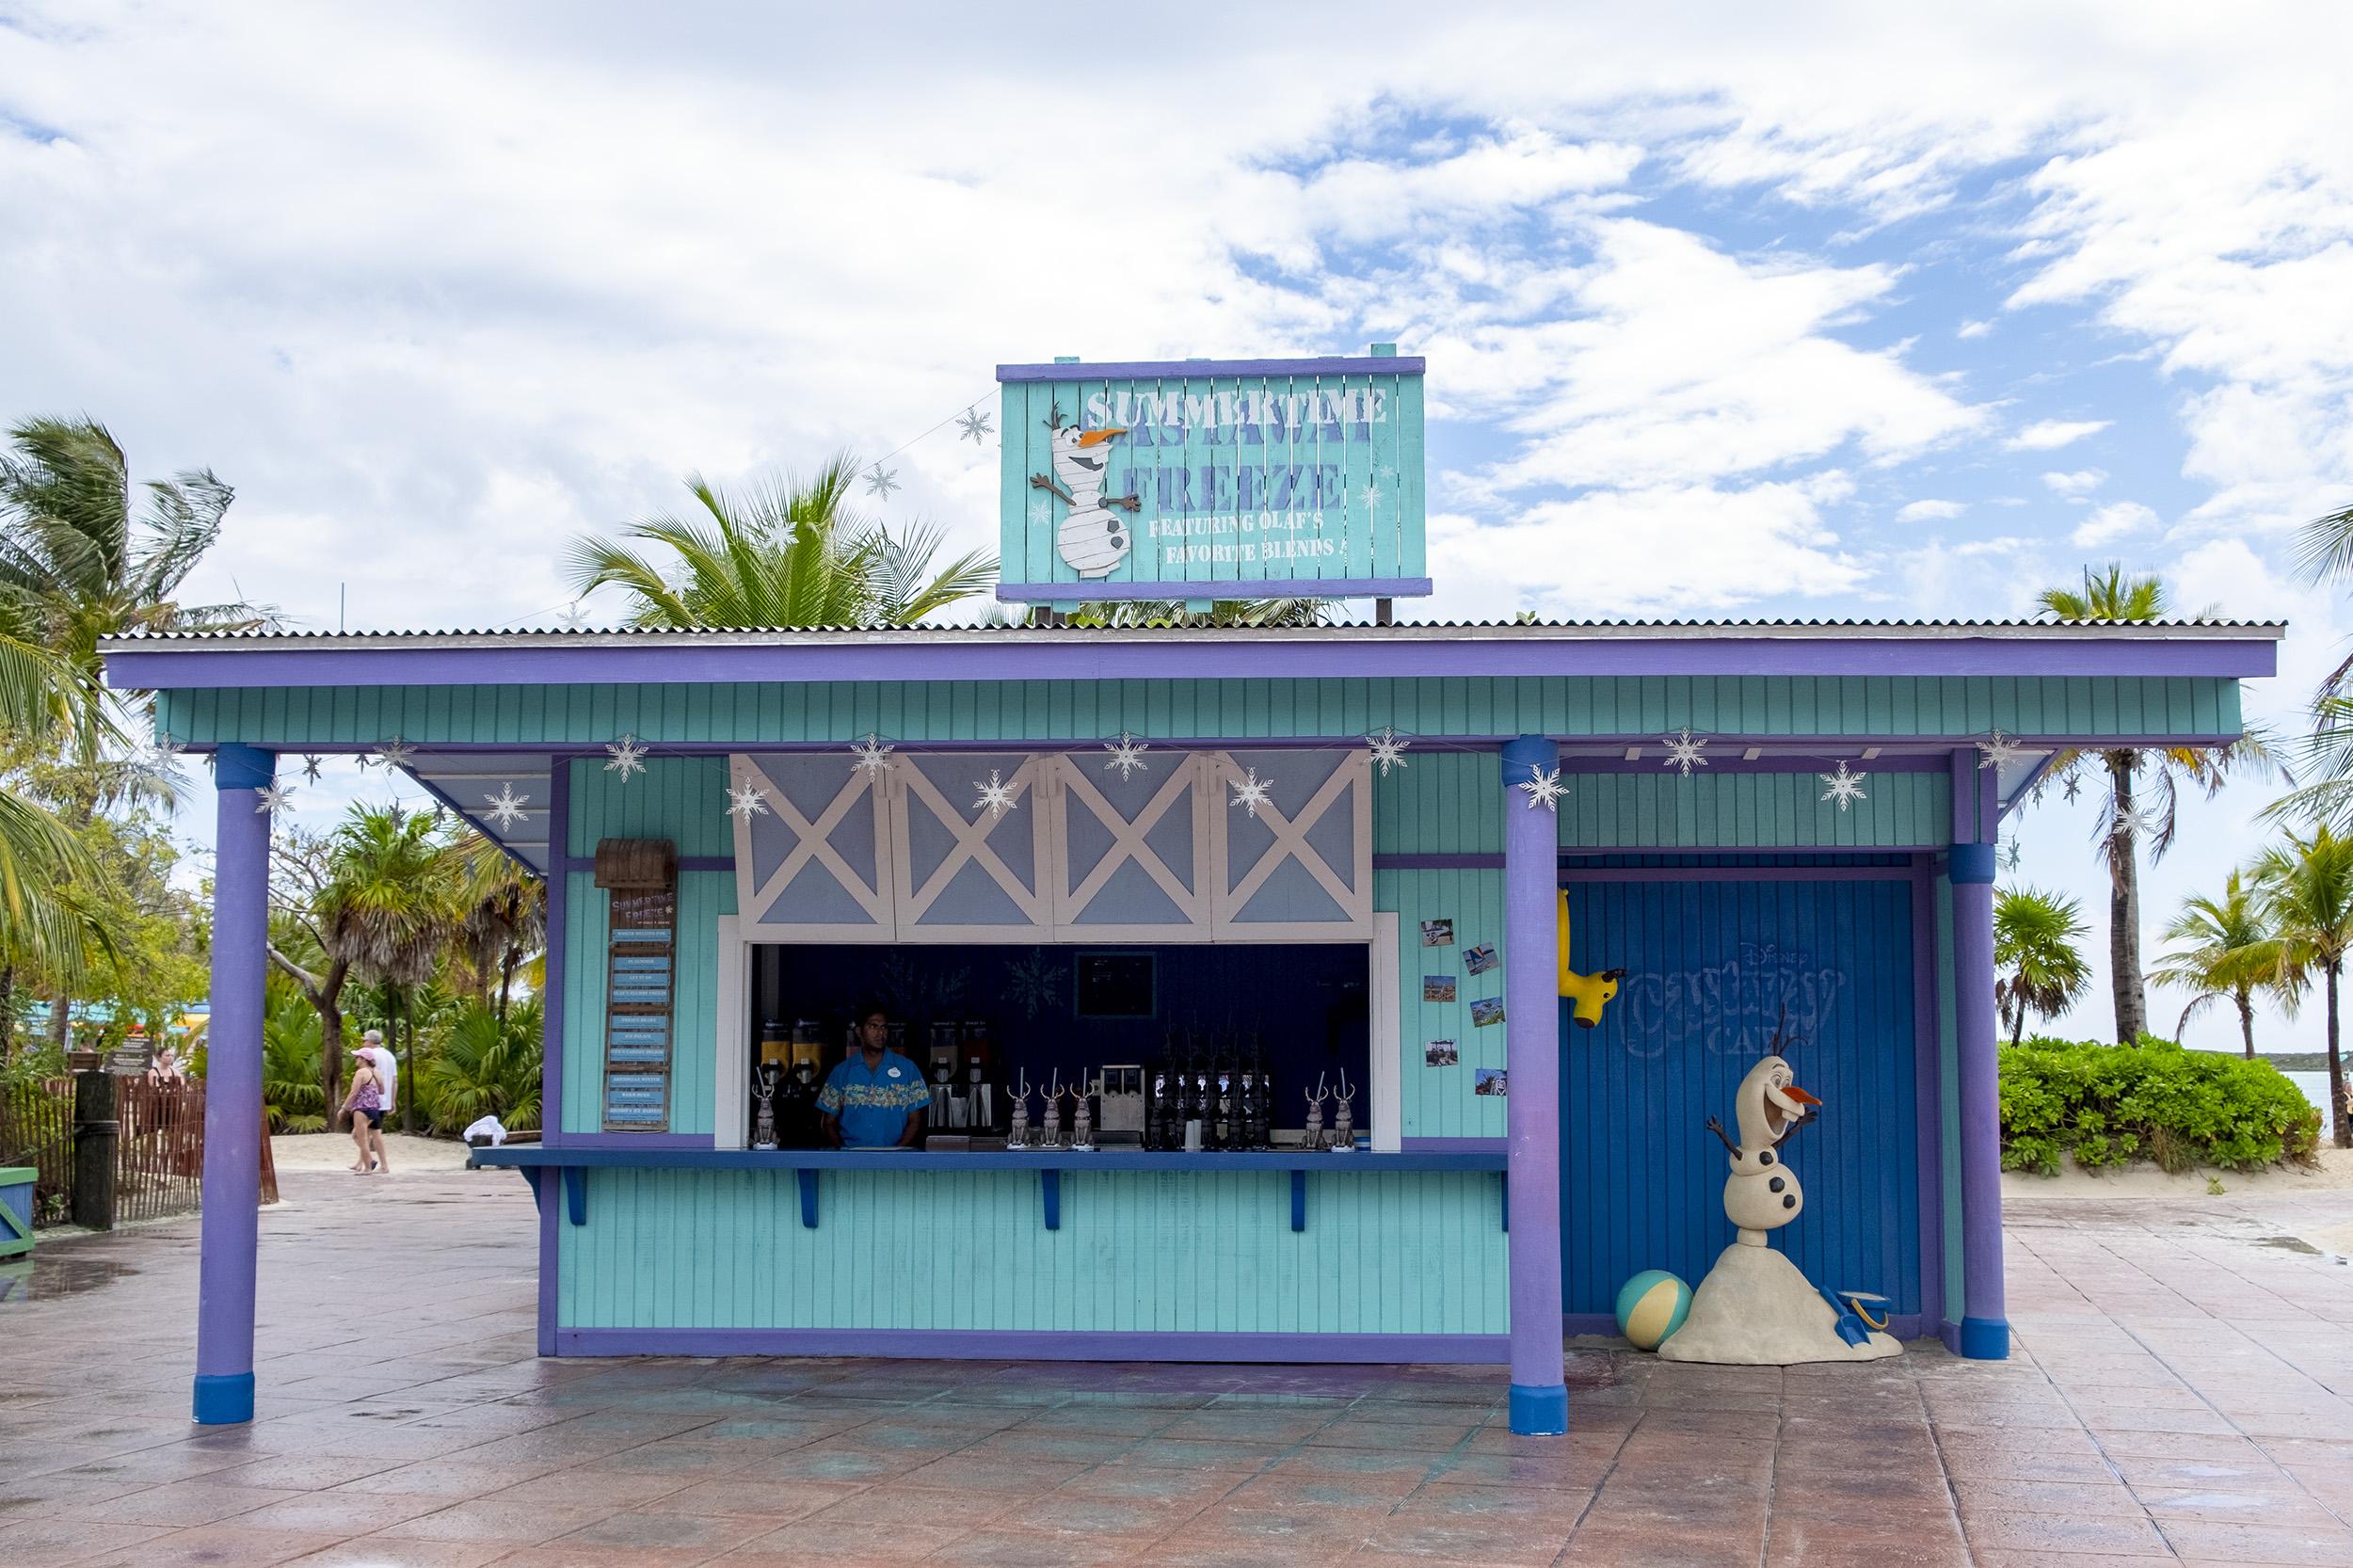 Castaway Cay Summertime Freeze